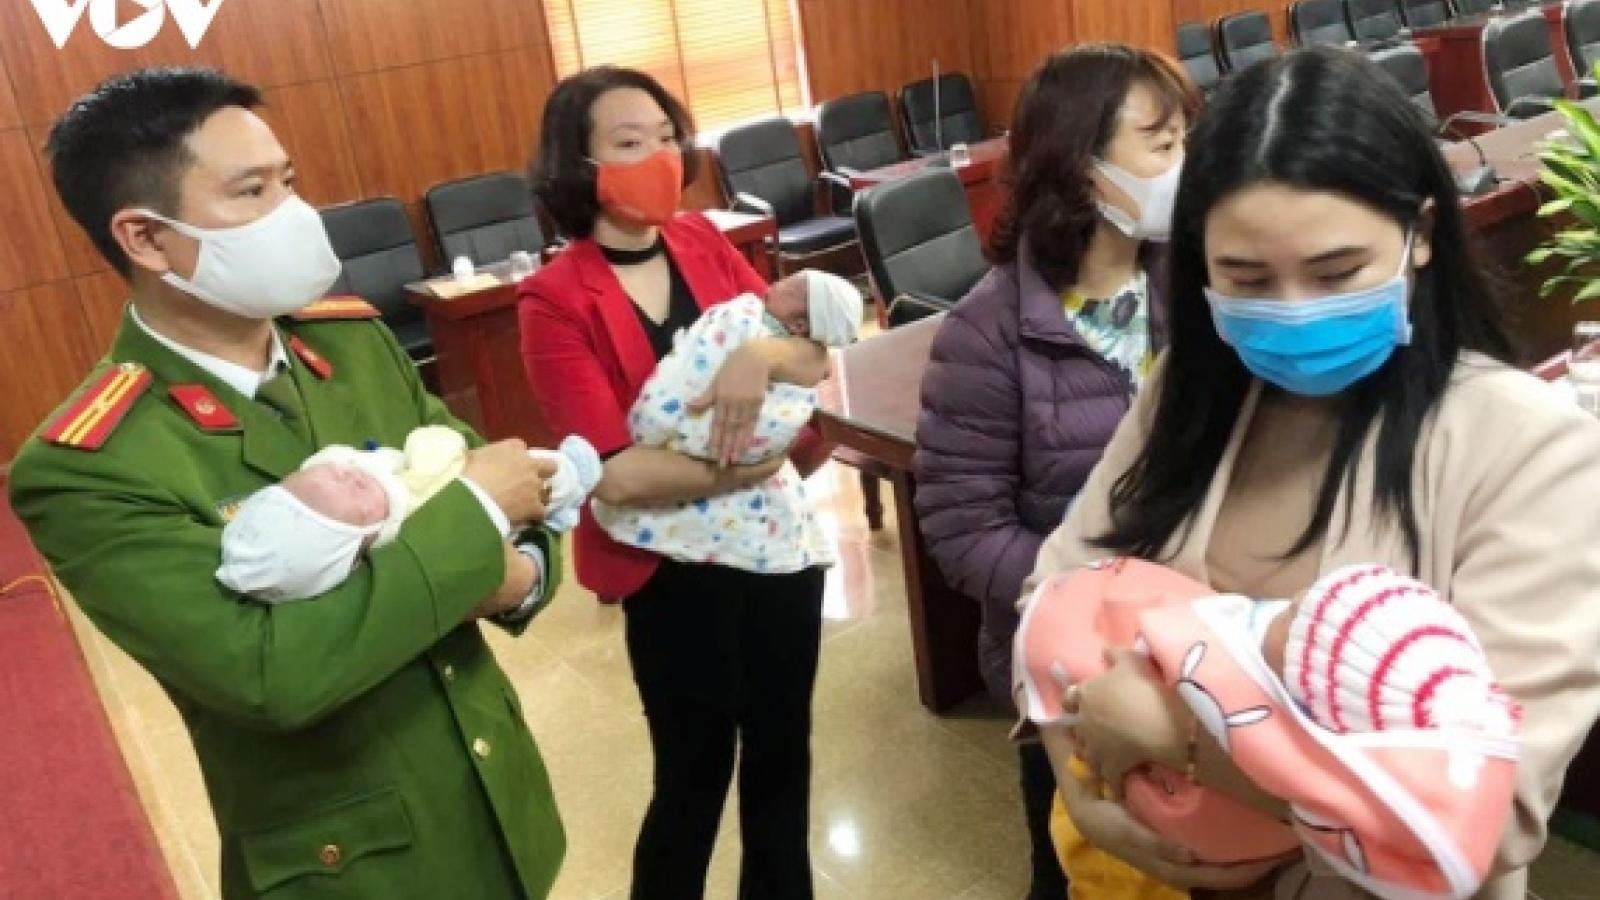 Giải cứu 4 trẻ sơ sinh đang trên đường bị bán sang Trung Quốc